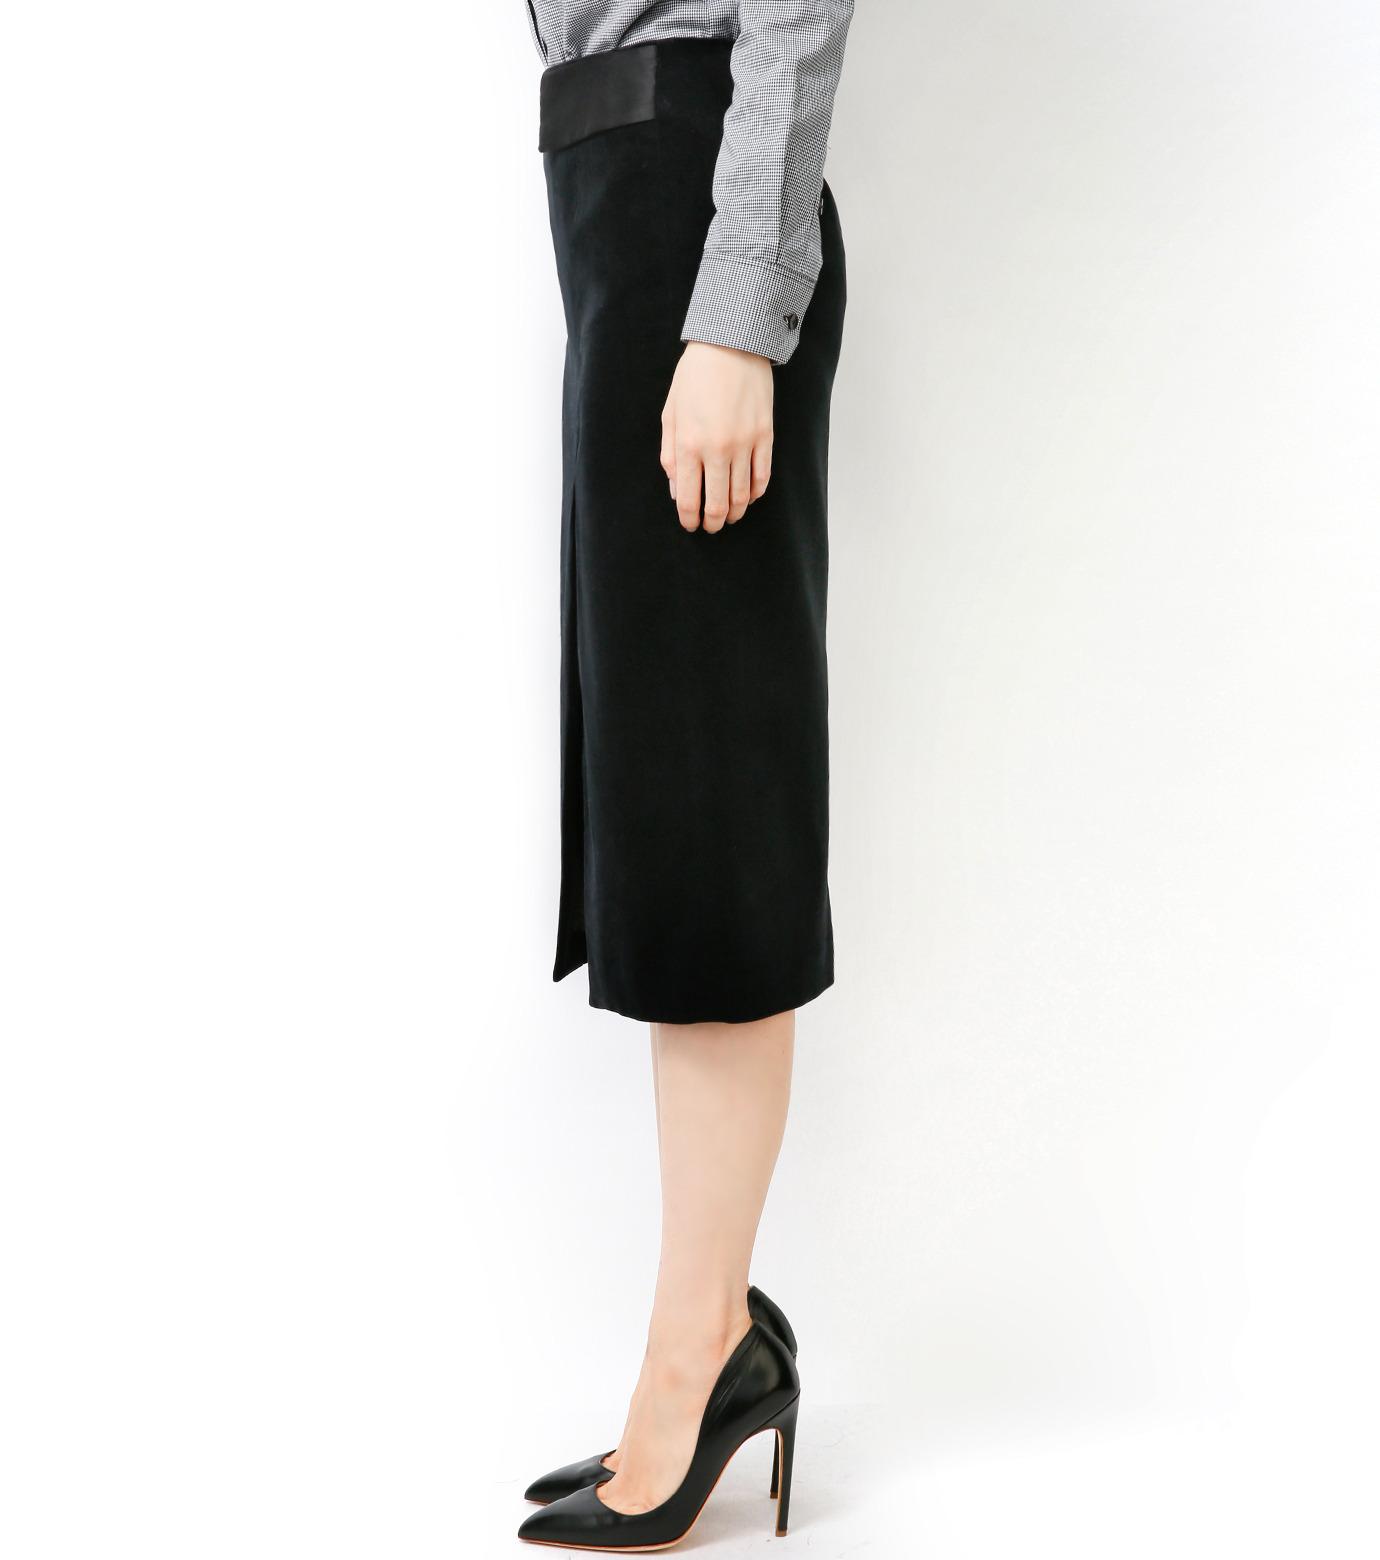 LE CIEL BLEU(ルシェルブルー)のベルベティーンスカート-BLACK-16A67036 拡大詳細画像4